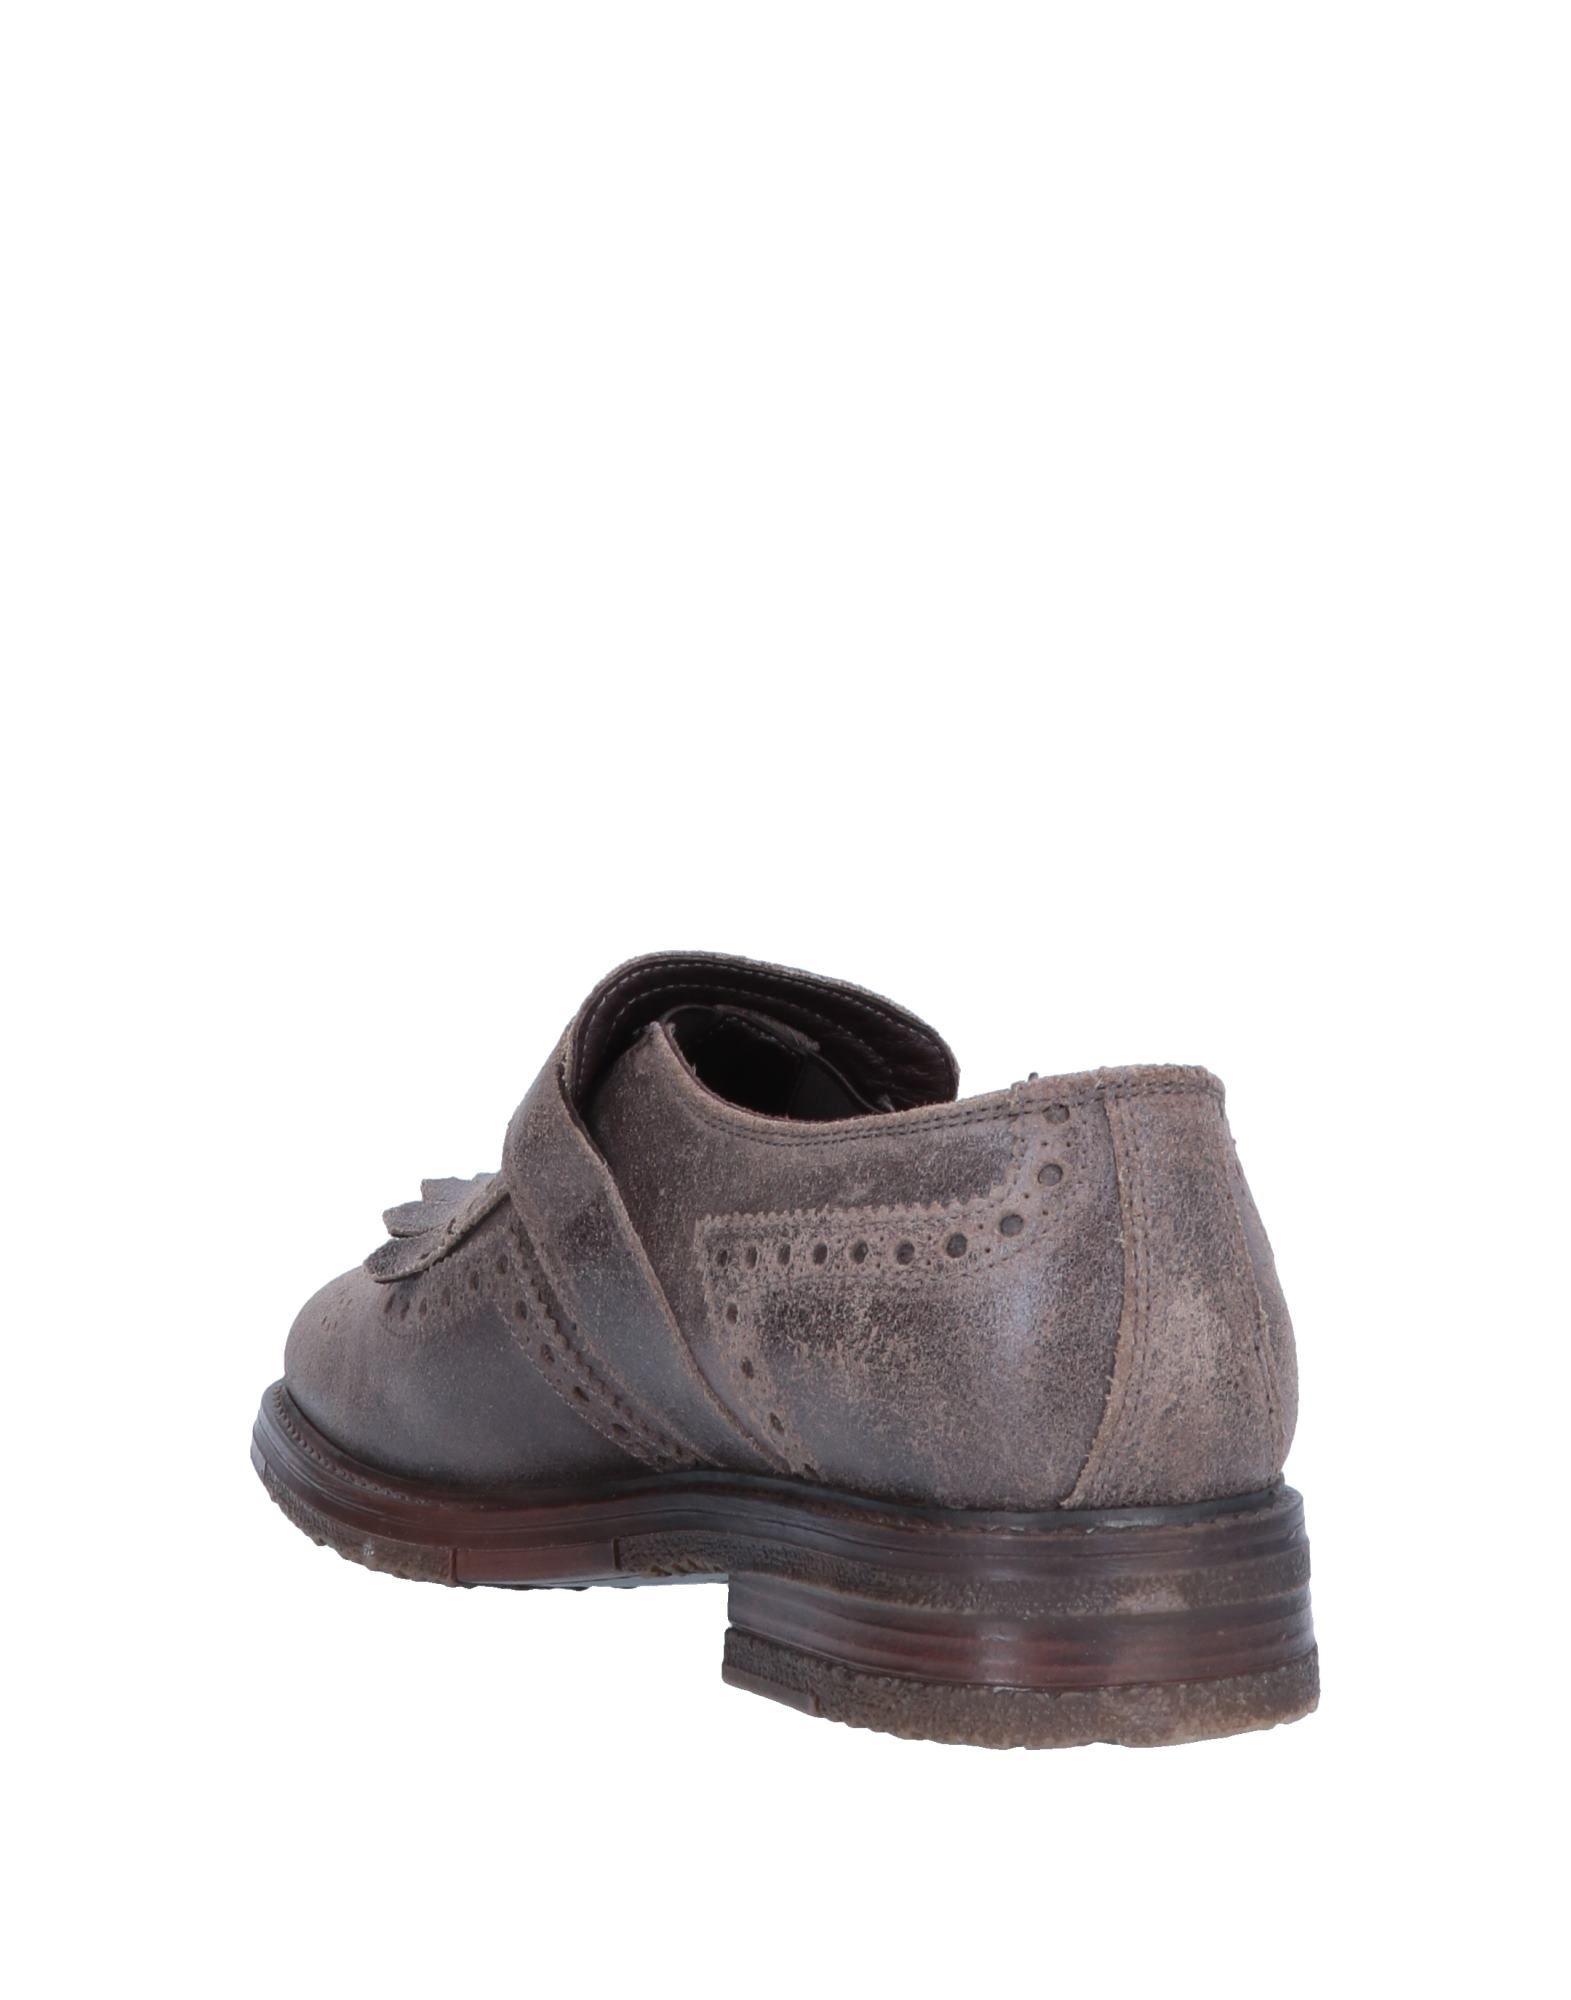 Rabatt echte Herren Schuhe Antica Cuoieria Mokassins Herren echte  11556896SG f22310